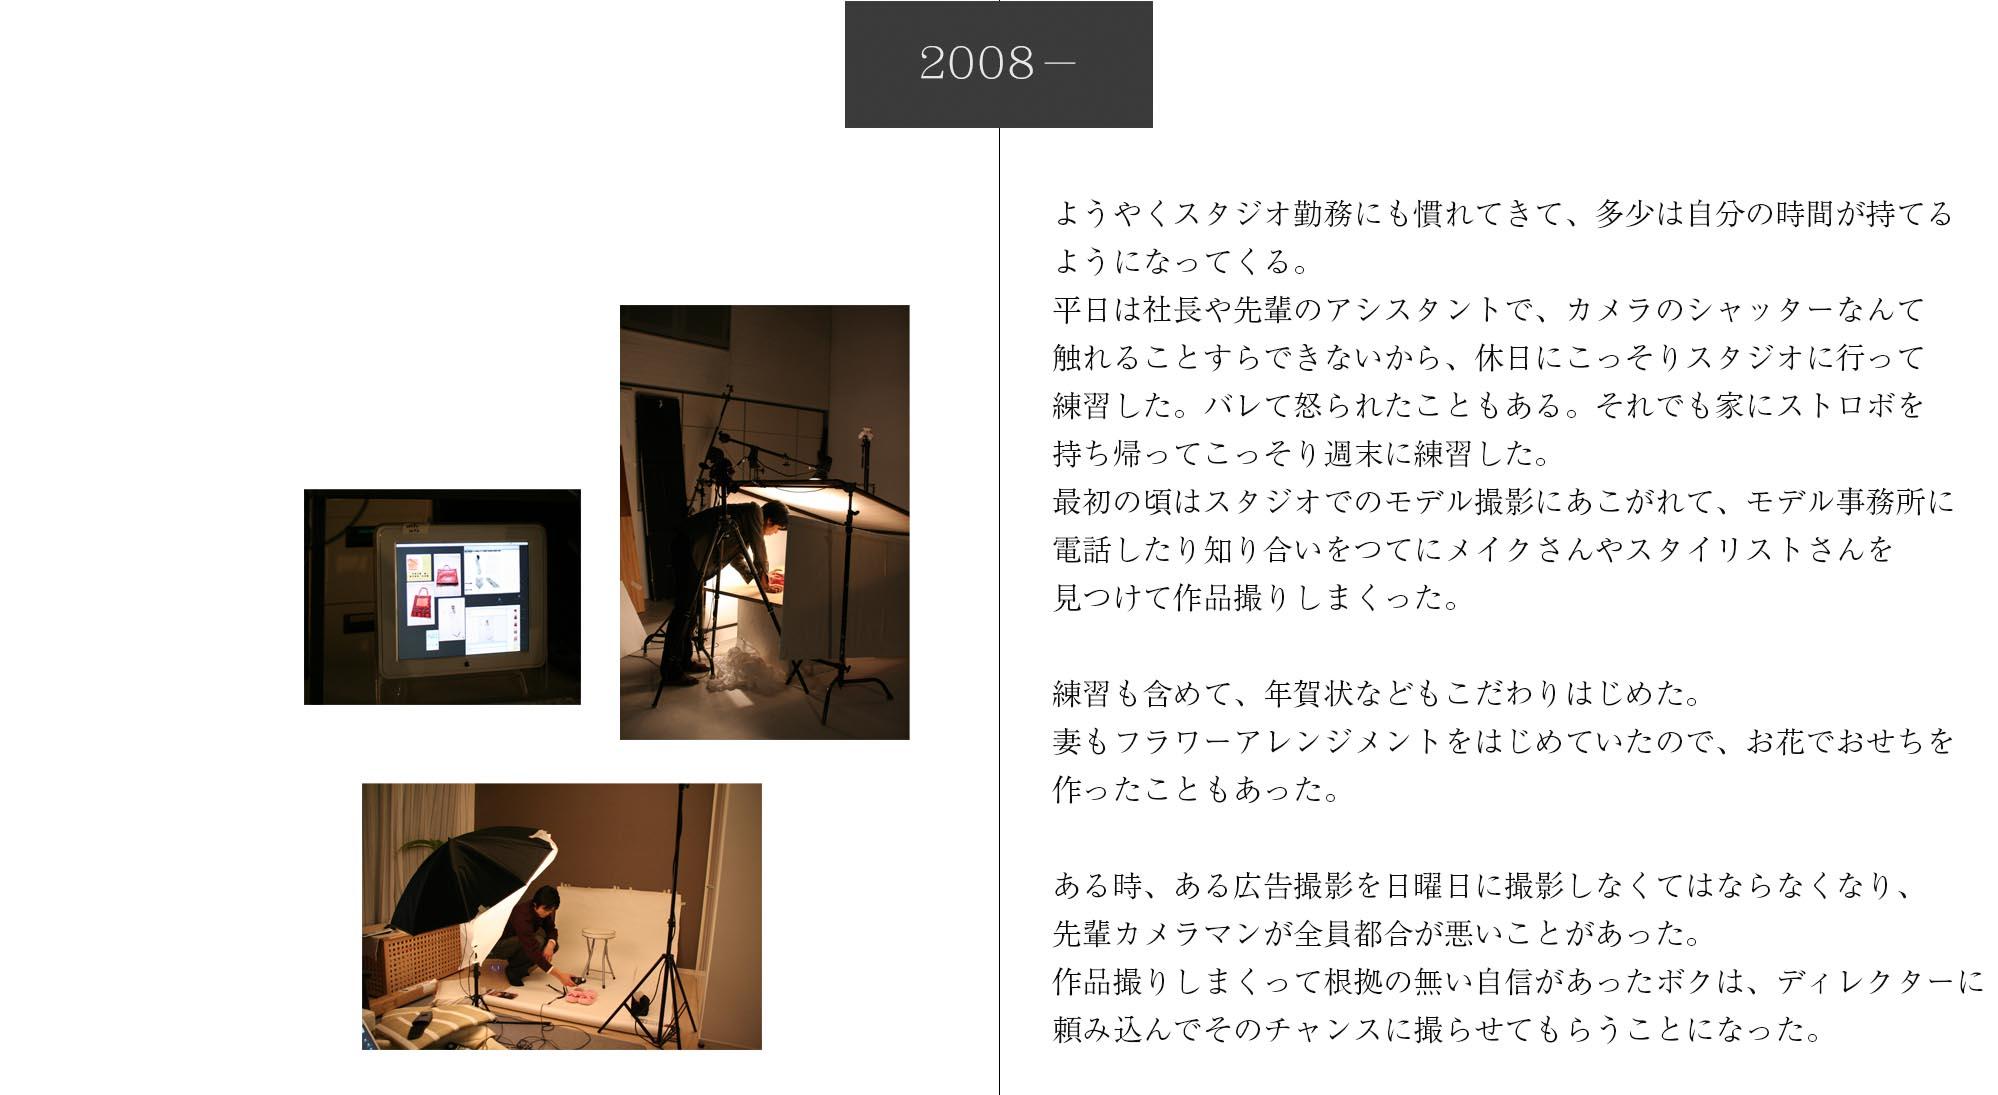 20131228_佐治秀保史_10